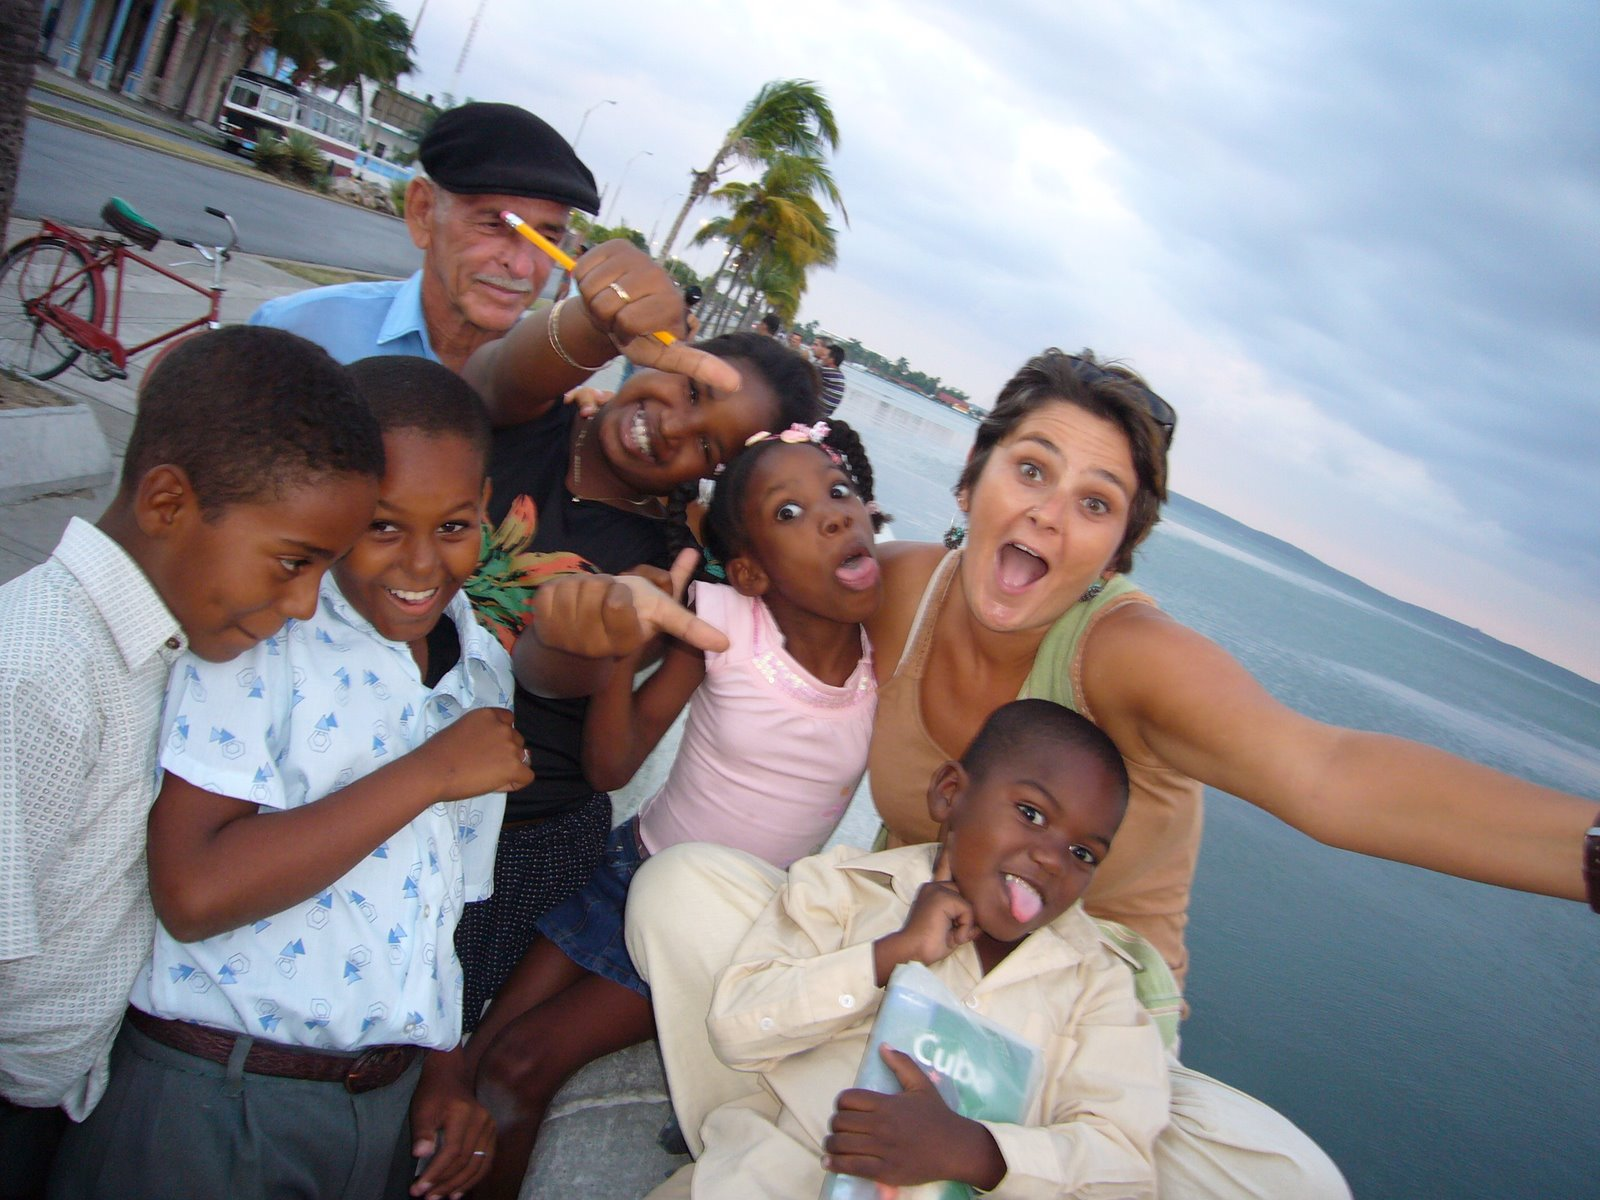 Cuban Kids Photos Tourists Cuba